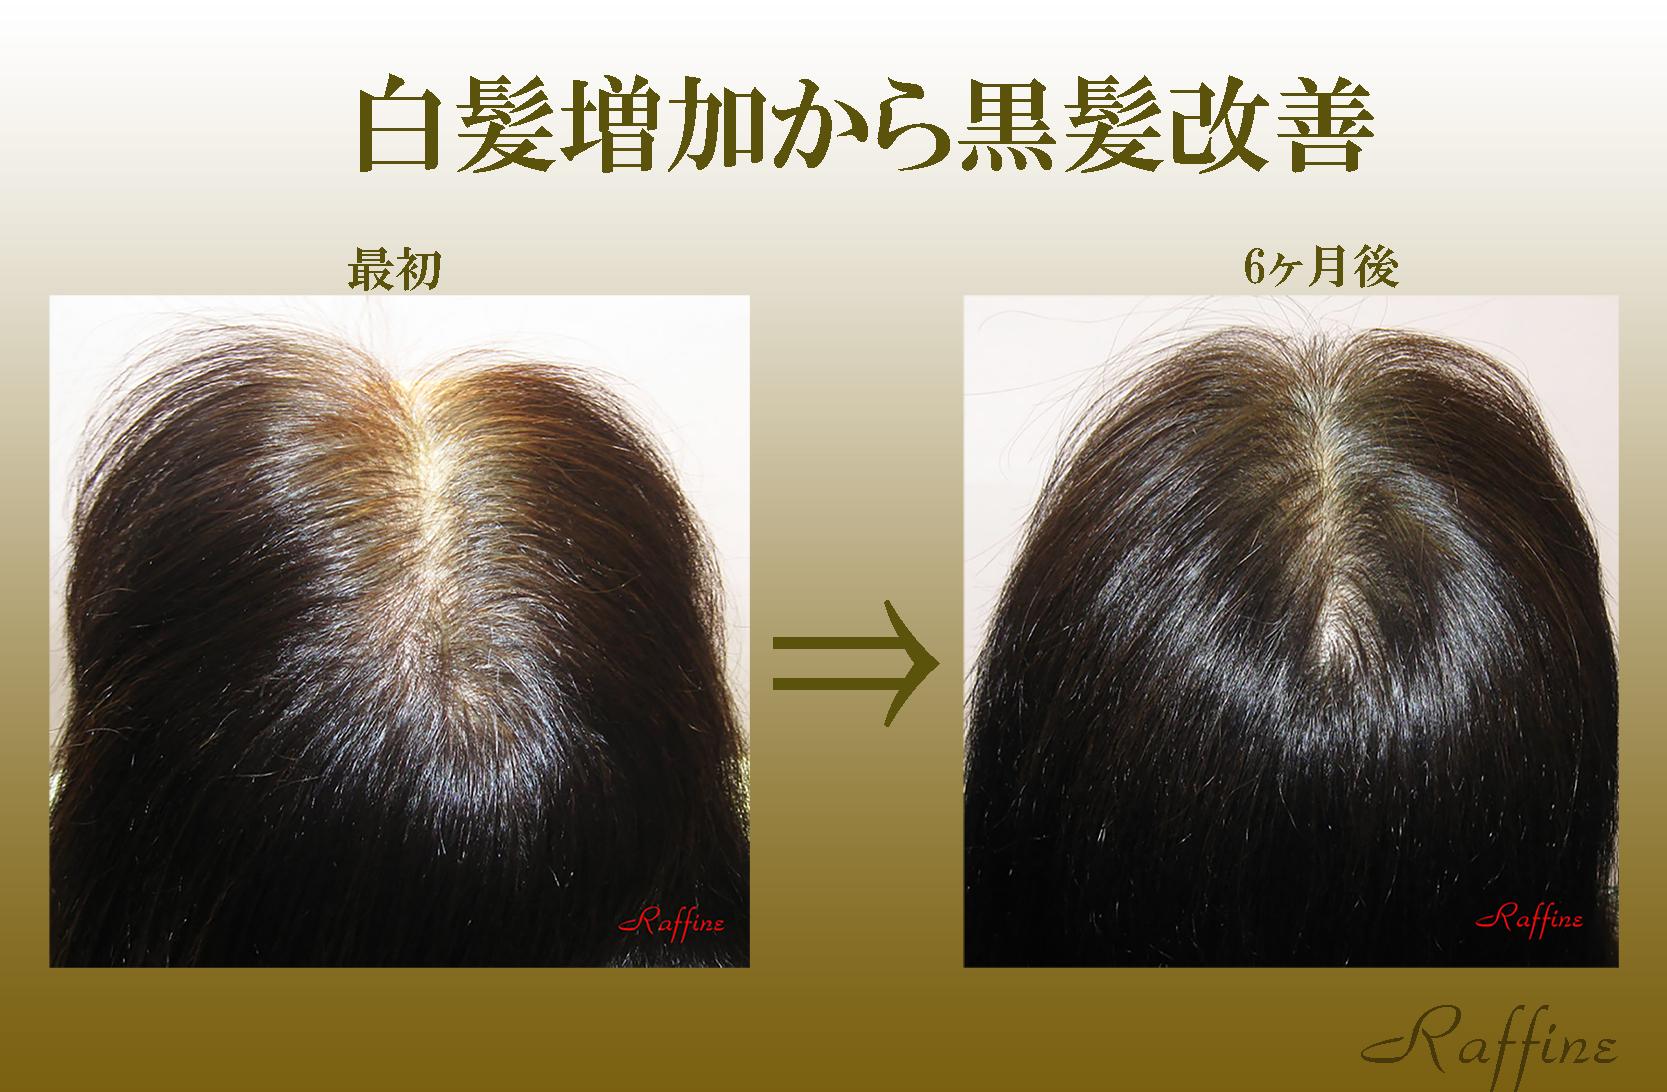 白髪増加から黒髪改善